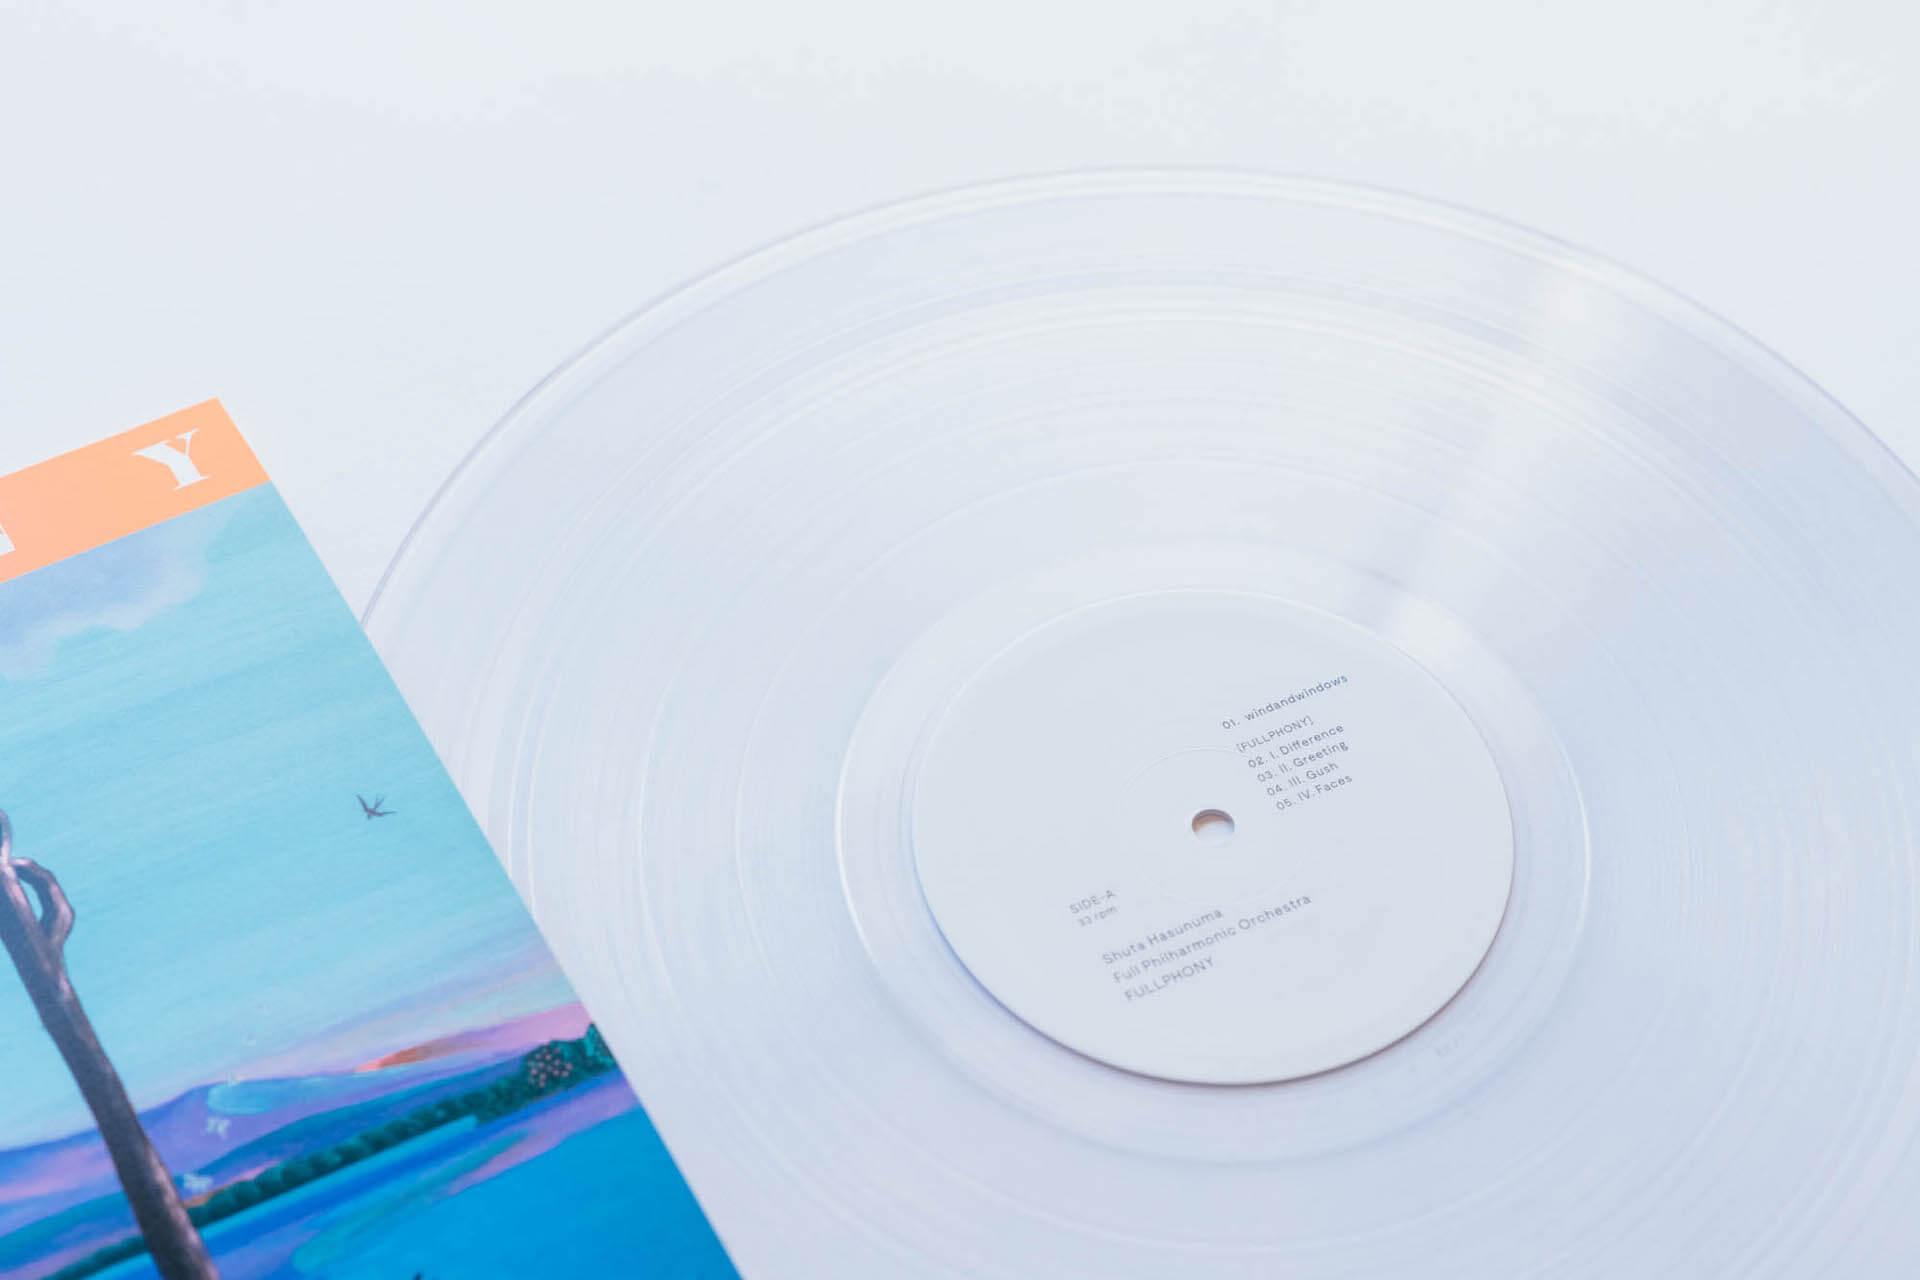 蓮沼執太フルフィルによる最新アルバム『フルフォニー』のCD&レコードが本日発売!発売記念ポップアップイベントも開催決定 music20201028_hasunumaphil_3